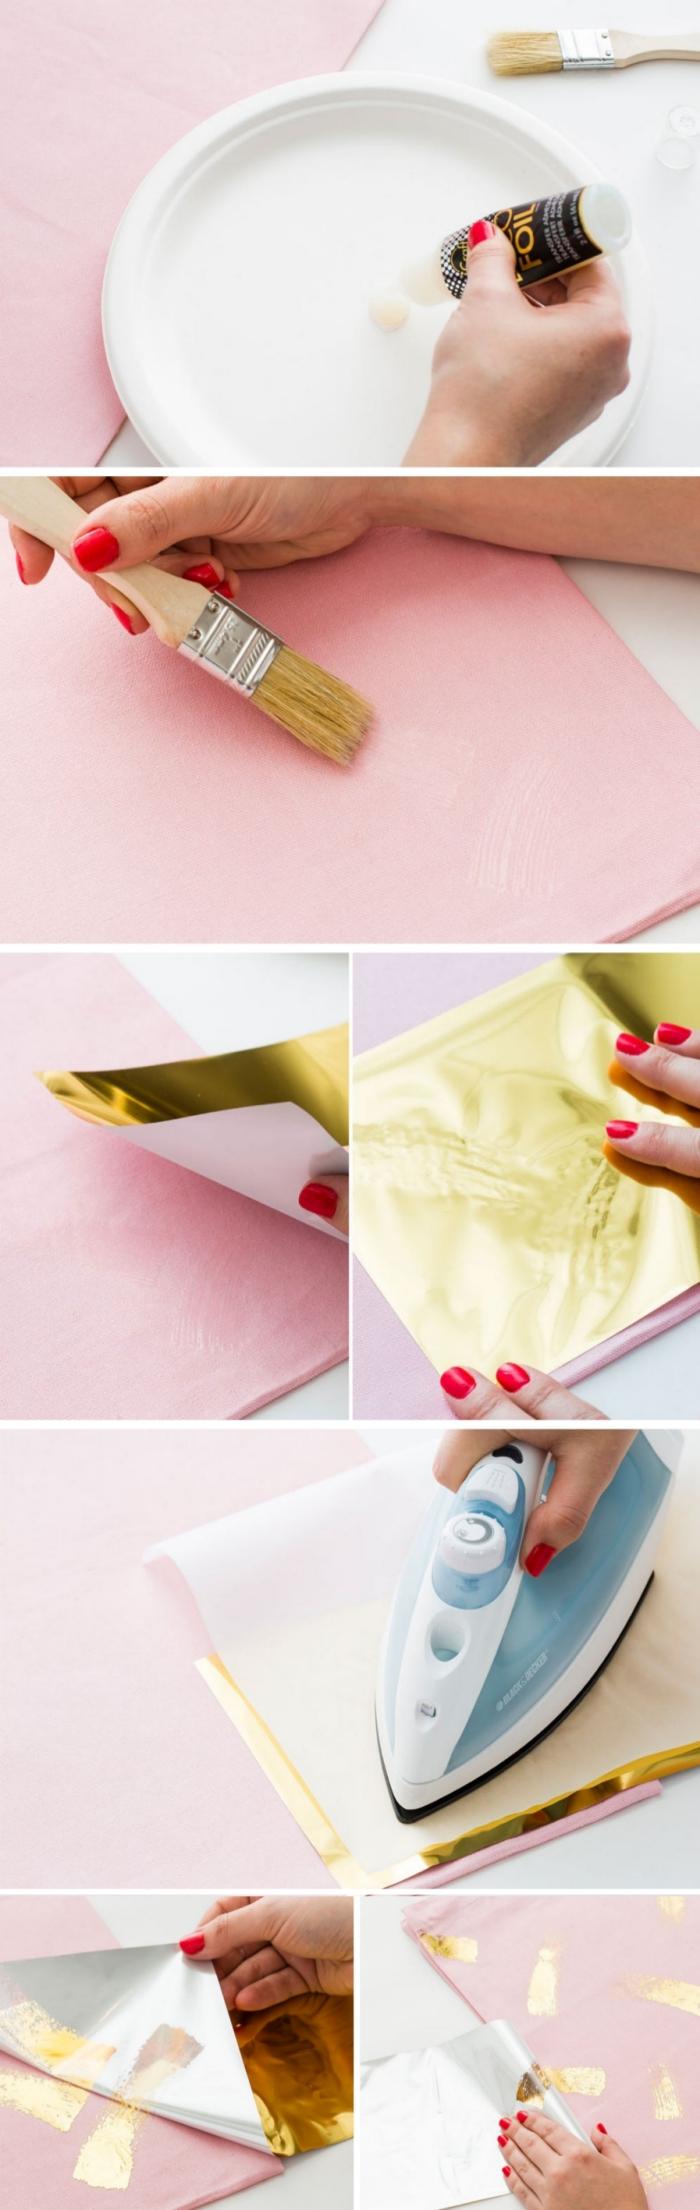 idée pour tuto couture ou déco de sac cabas facile, utiliser une feuille métallique pour faire des jolies déco sur un tissu